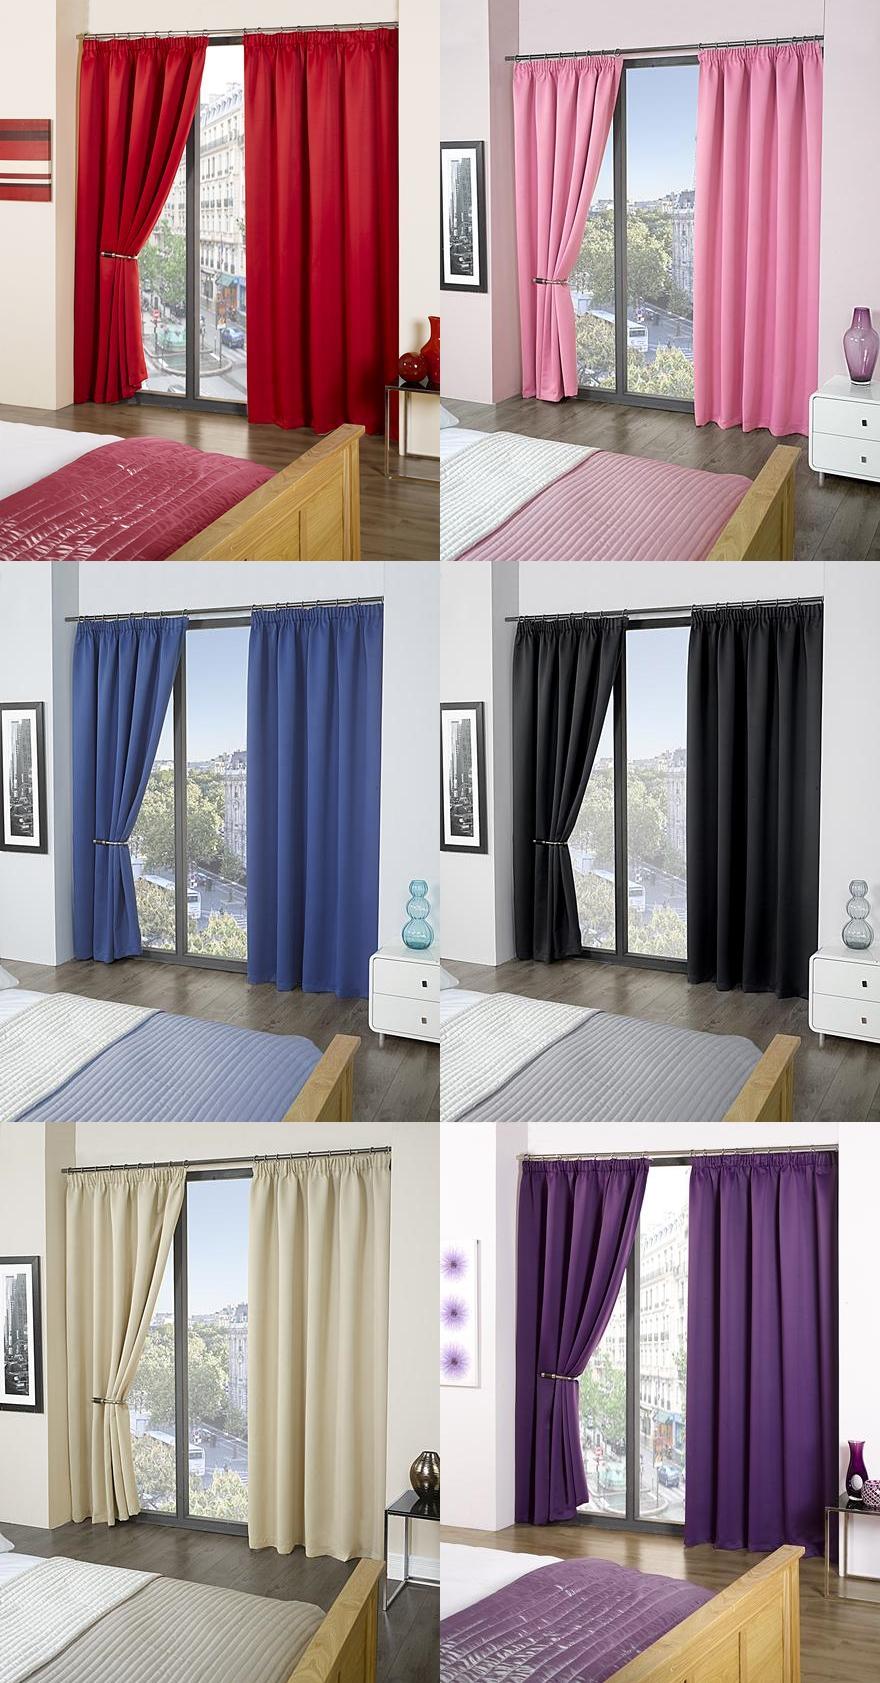 liste divers de ana lle e rideaux lavabo soie top moumoute. Black Bedroom Furniture Sets. Home Design Ideas